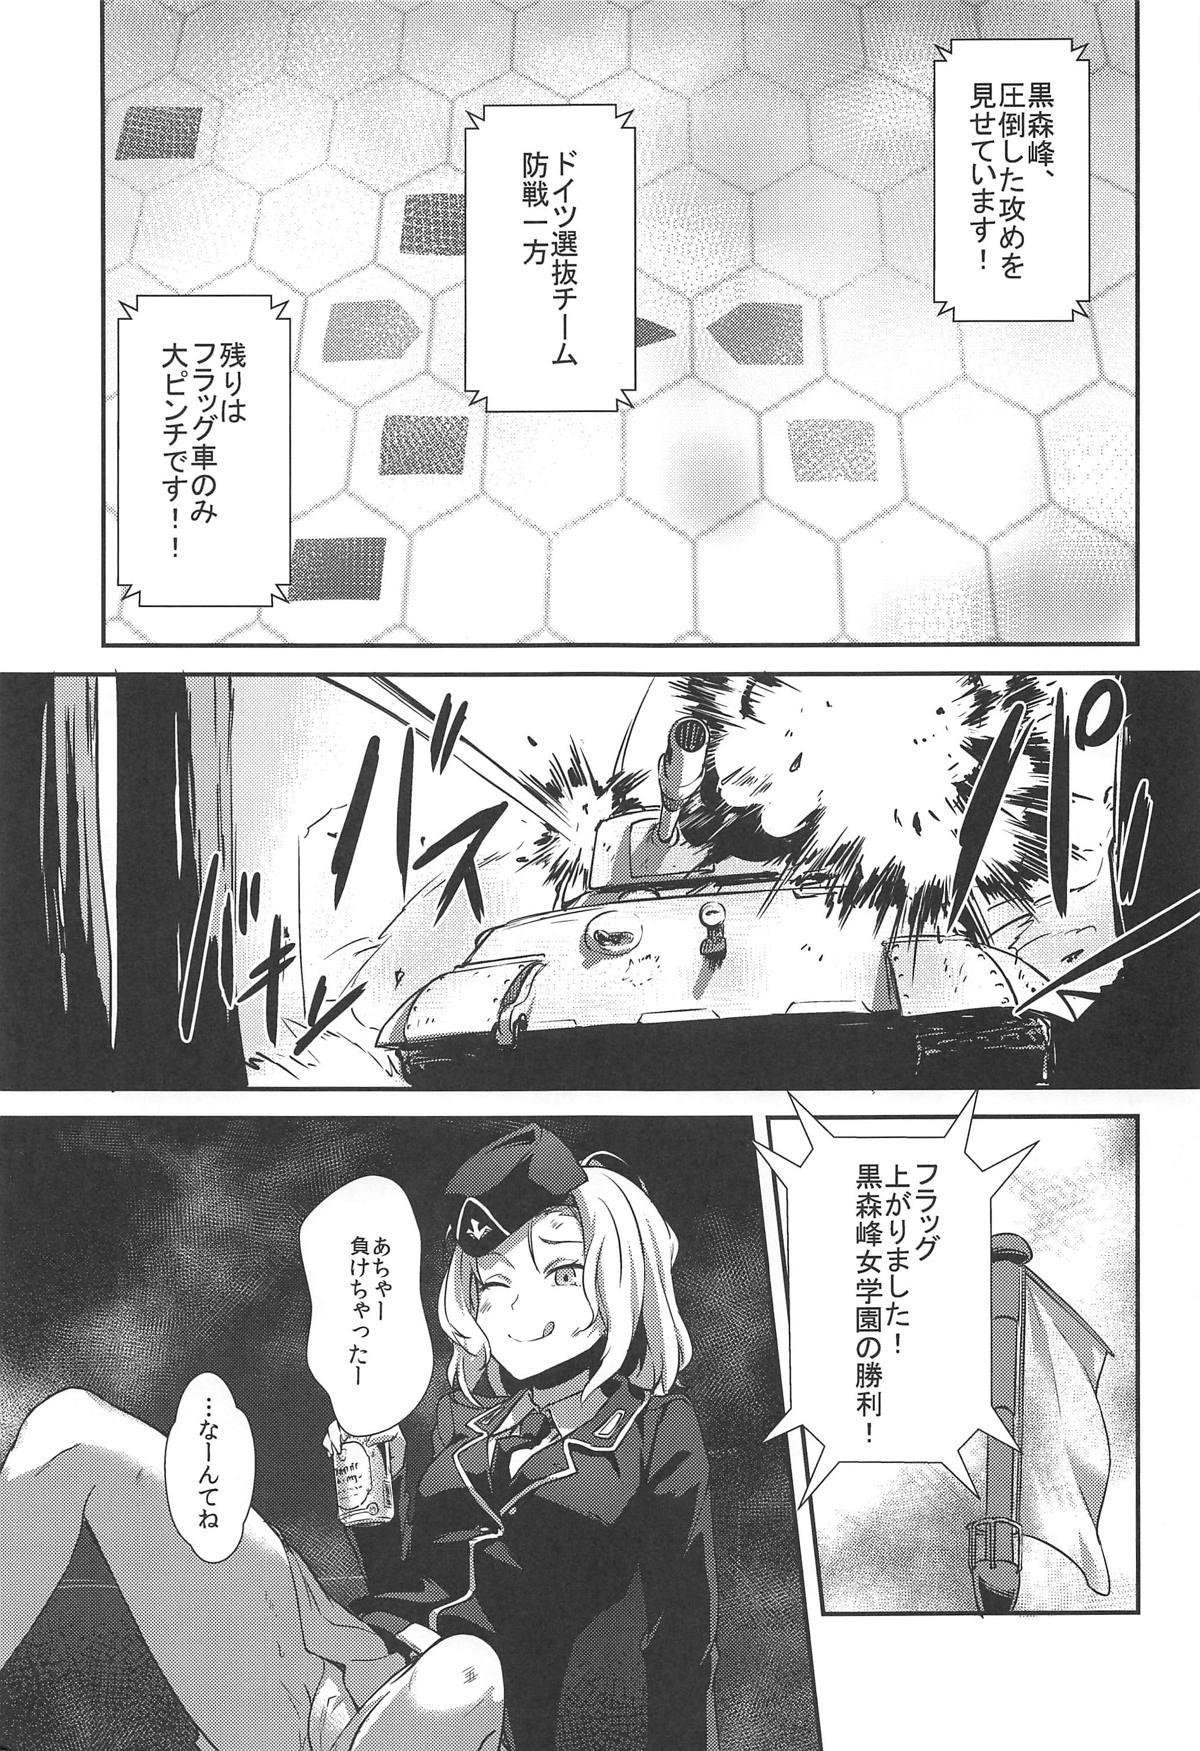 (C96) [chested (Tokupyon)] Nishizumi-ryuu Iemoto no Sodatekata - Maho no Baai Ge (Girls und Panzer) 18